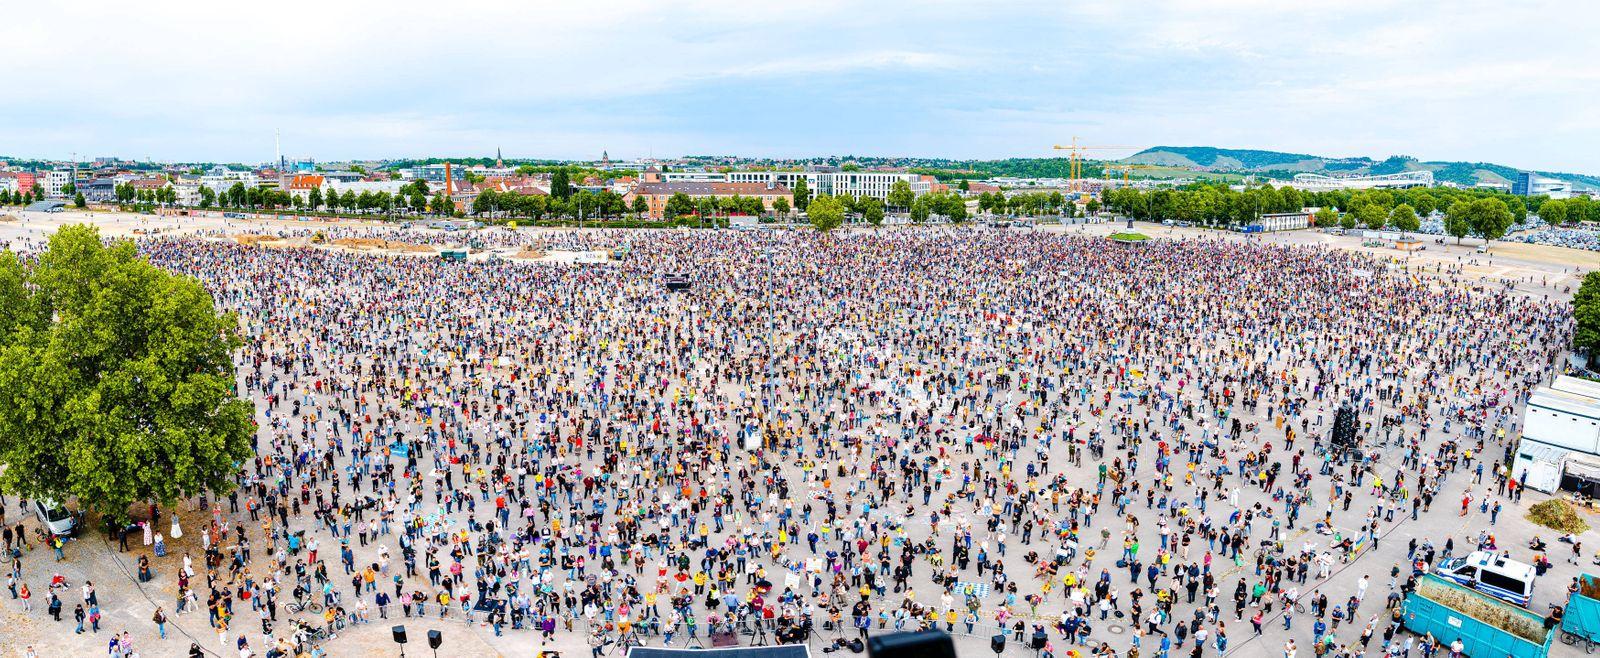 Querdenken Demo auf dem Canstatter Wasen - Tausende Menschen besuchen die Veranstaltung - Abstand wird teilweise nicht